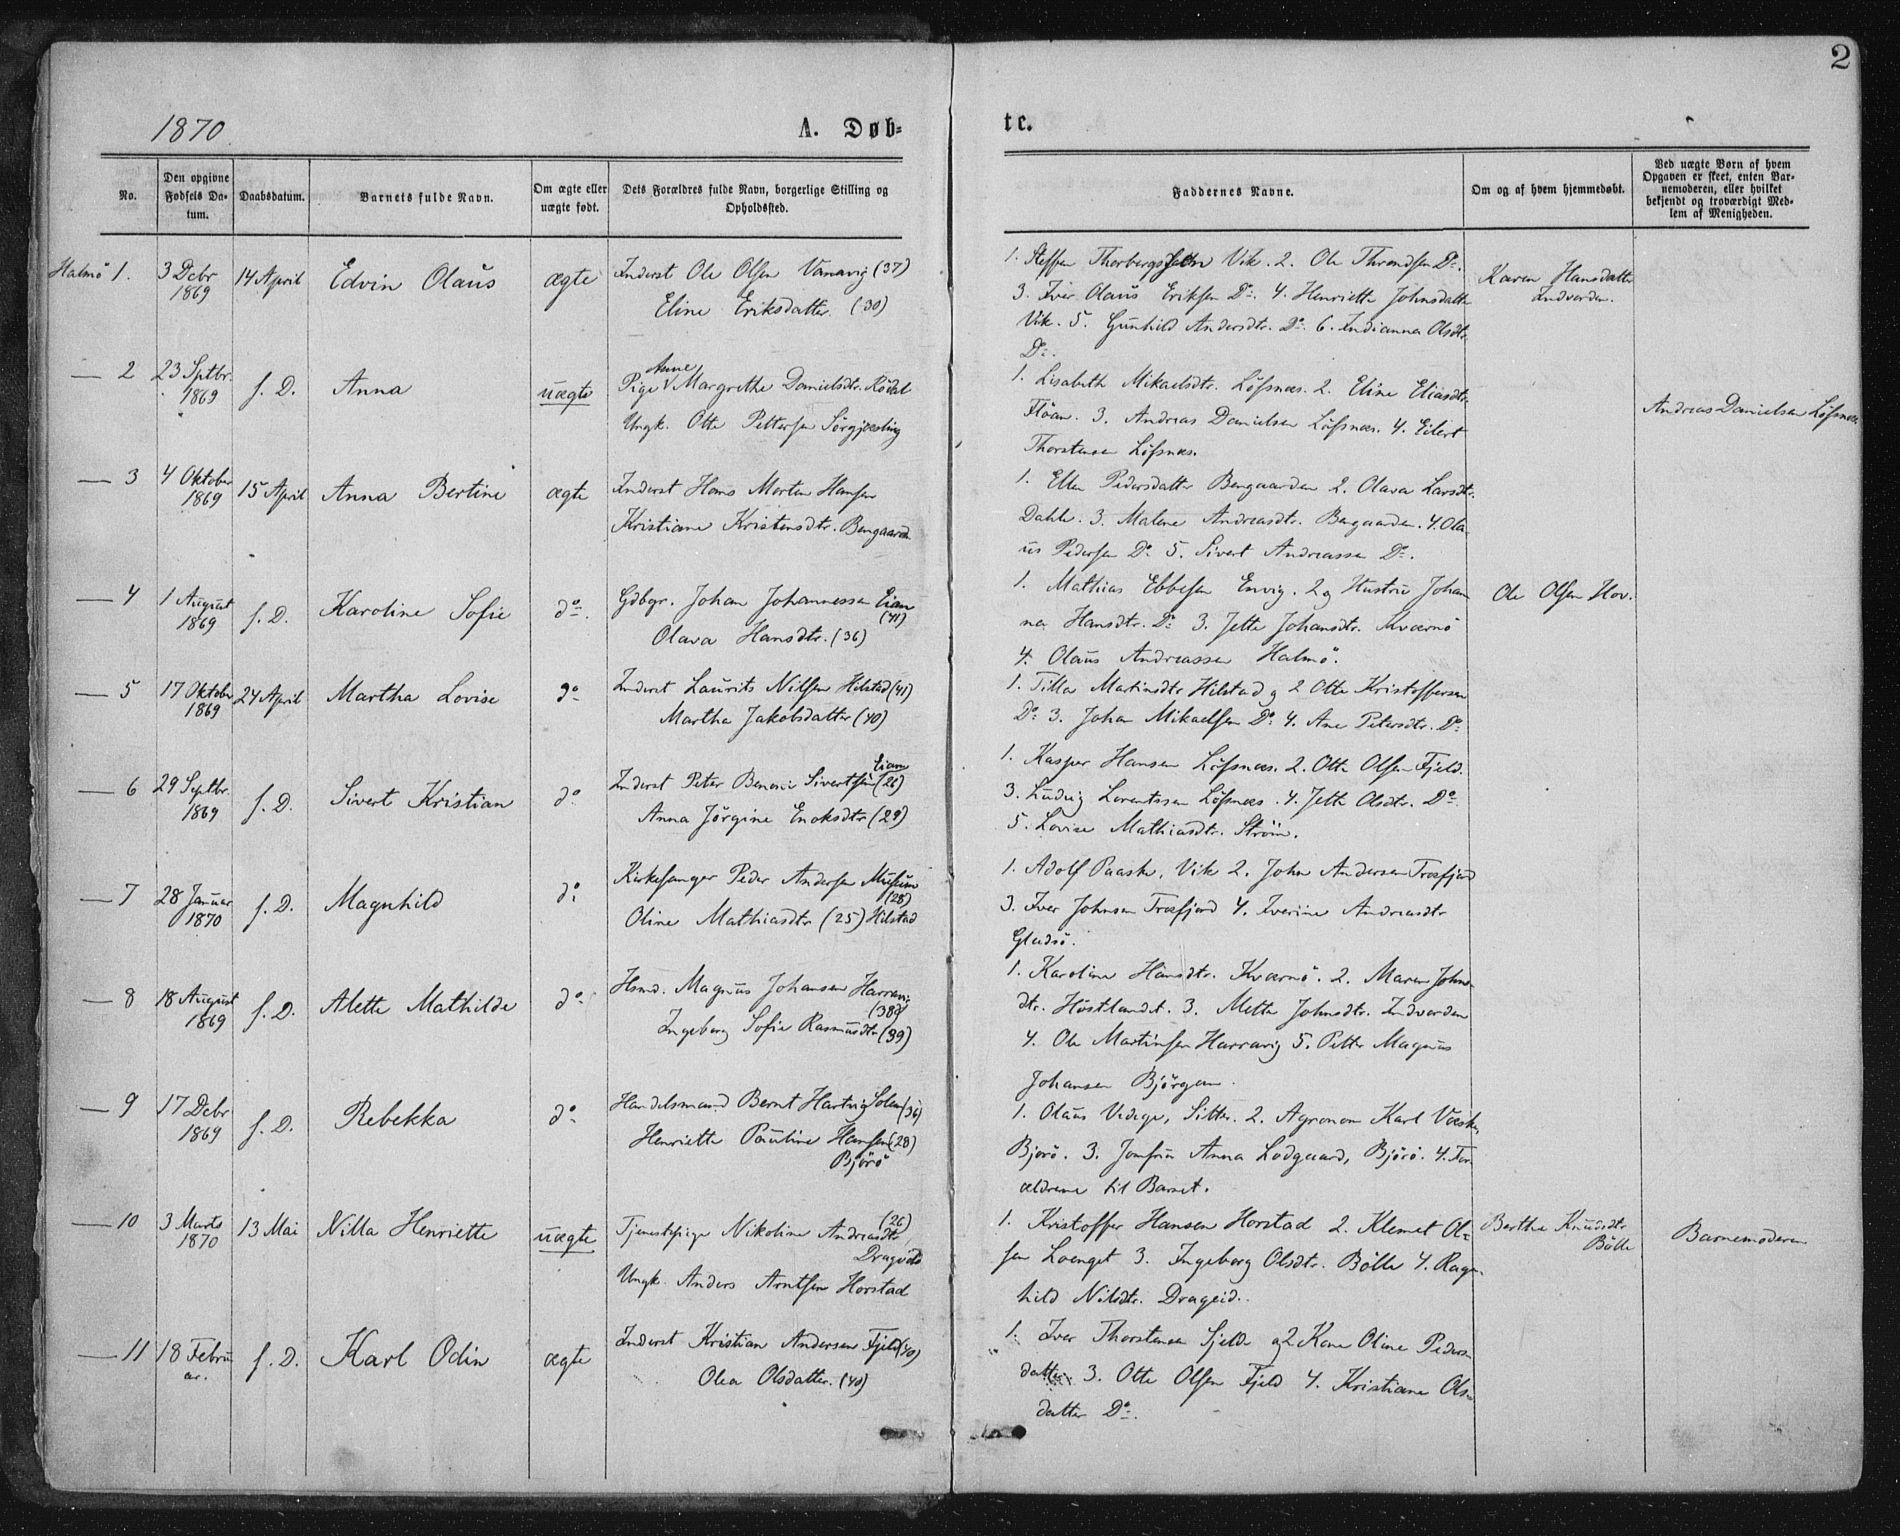 SAT, Ministerialprotokoller, klokkerbøker og fødselsregistre - Nord-Trøndelag, 771/L0596: Ministerialbok nr. 771A03, 1870-1884, s. 2